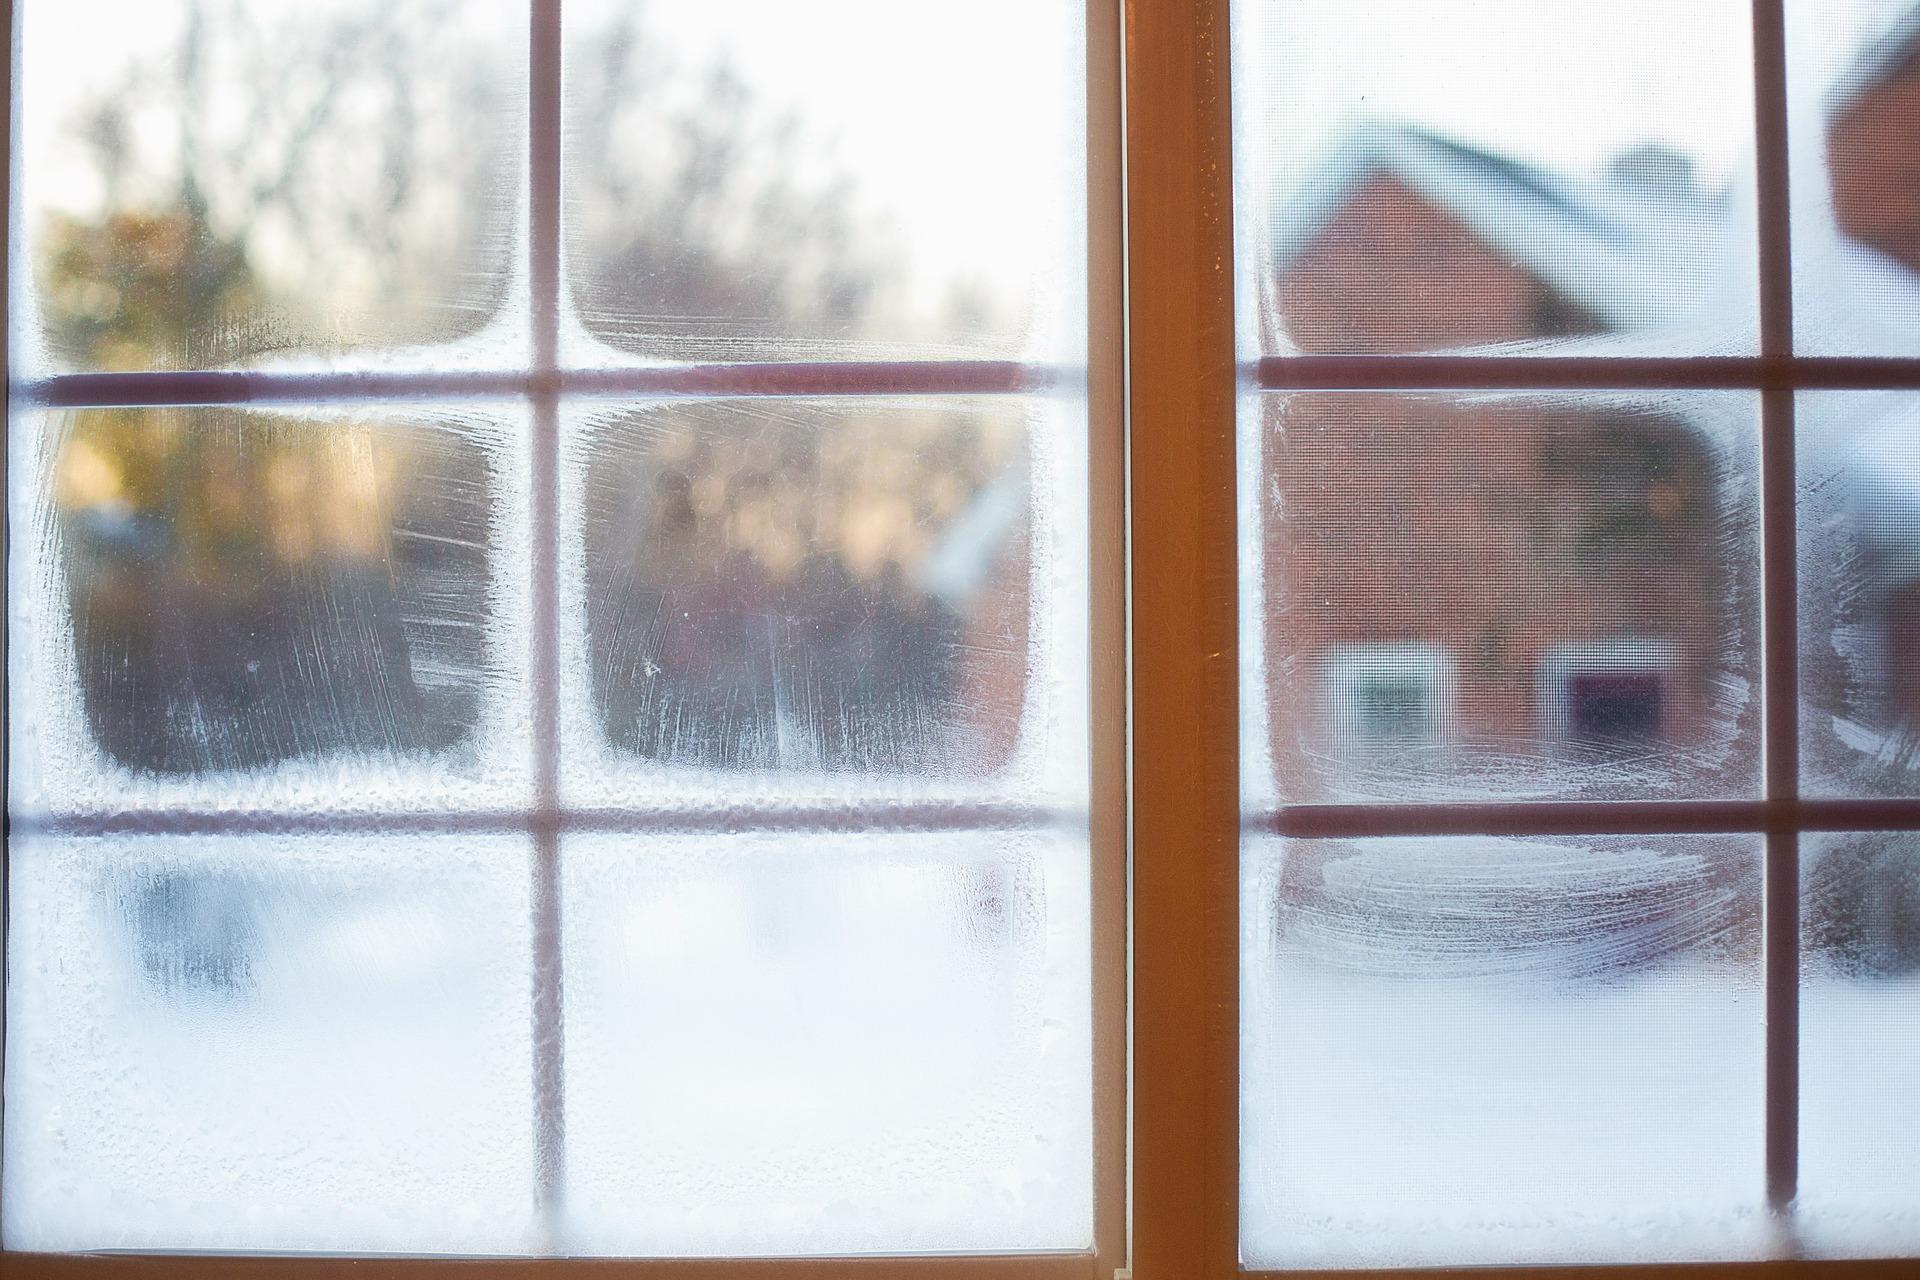 Window, Frost